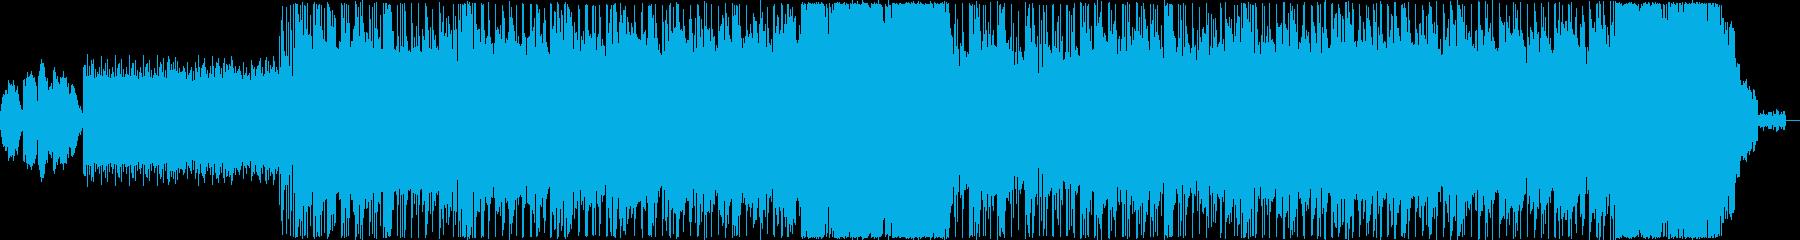 さまざまな歌、エネルギッシュでポジ...の再生済みの波形